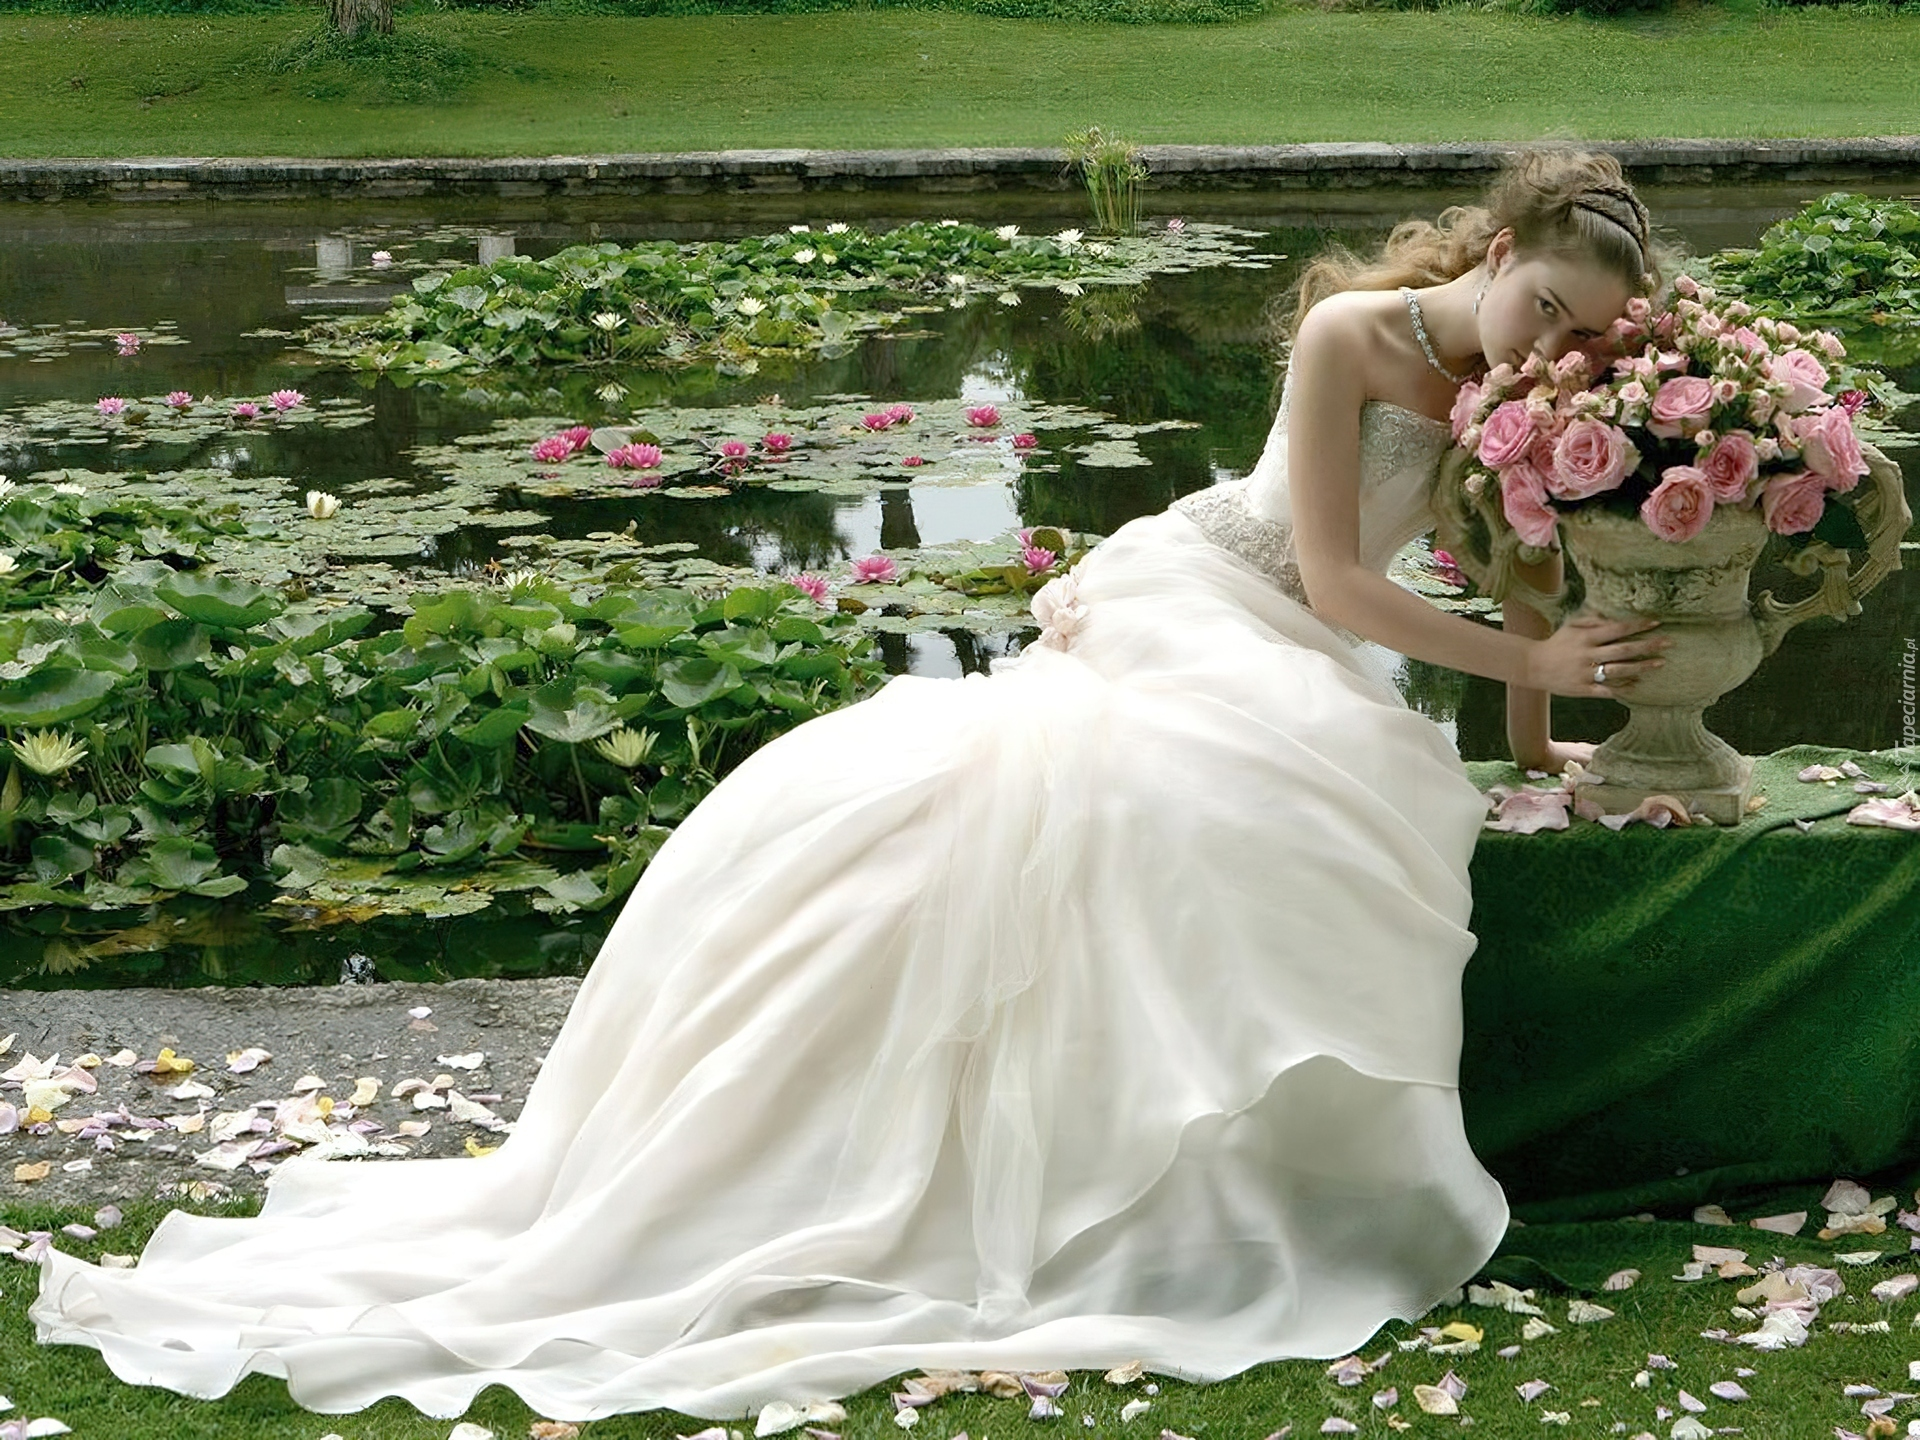 http://www.tapeciarnia.pl/tapety/normalne/152204_panna_mloda_roze_staw_lilie_wodne.jpg